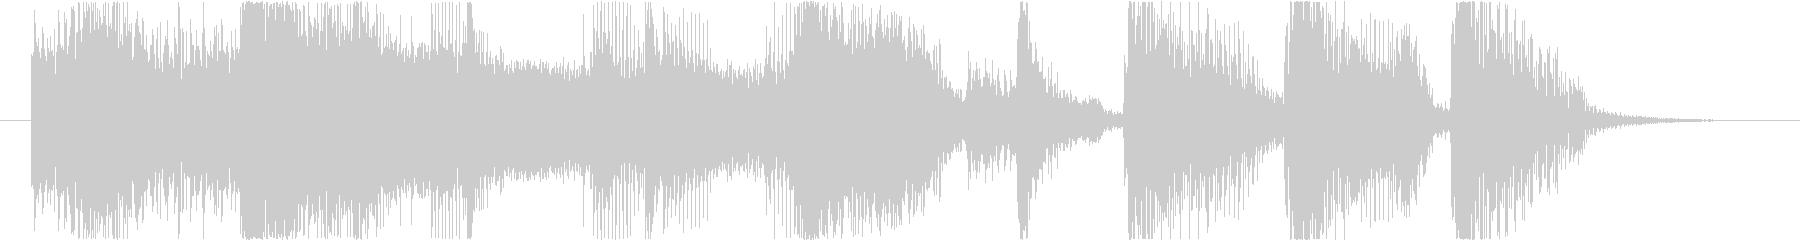 カッコ良いファンク オチ 場面展開 ロゴの未再生の波形